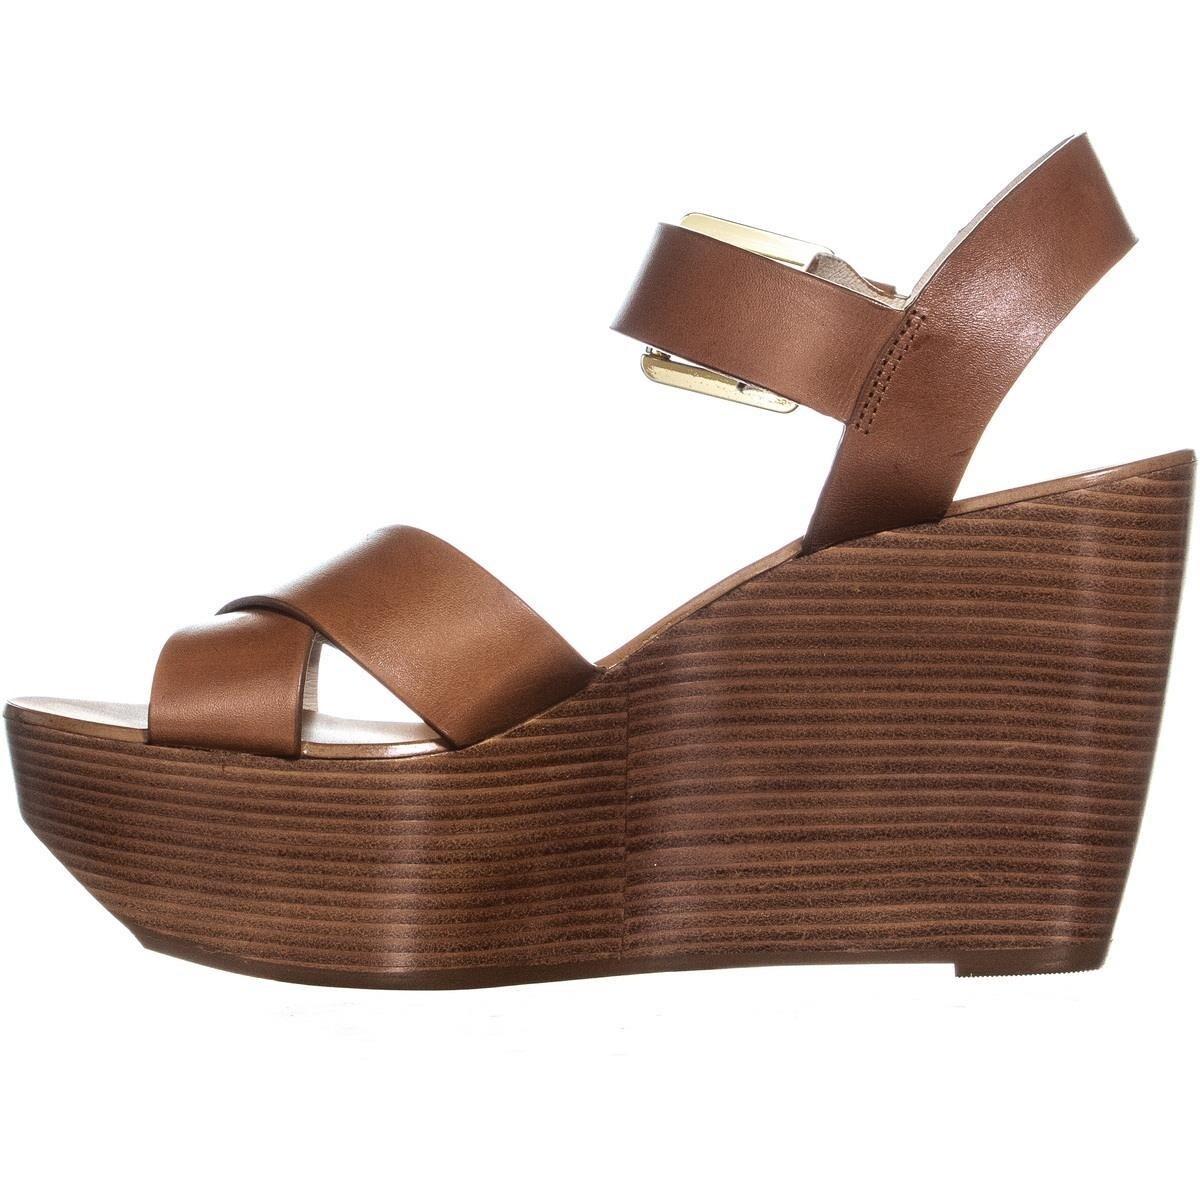 f20d1ef0ef4c Shop Michael Kors Peggy Wedge Ankle Strap Sandals